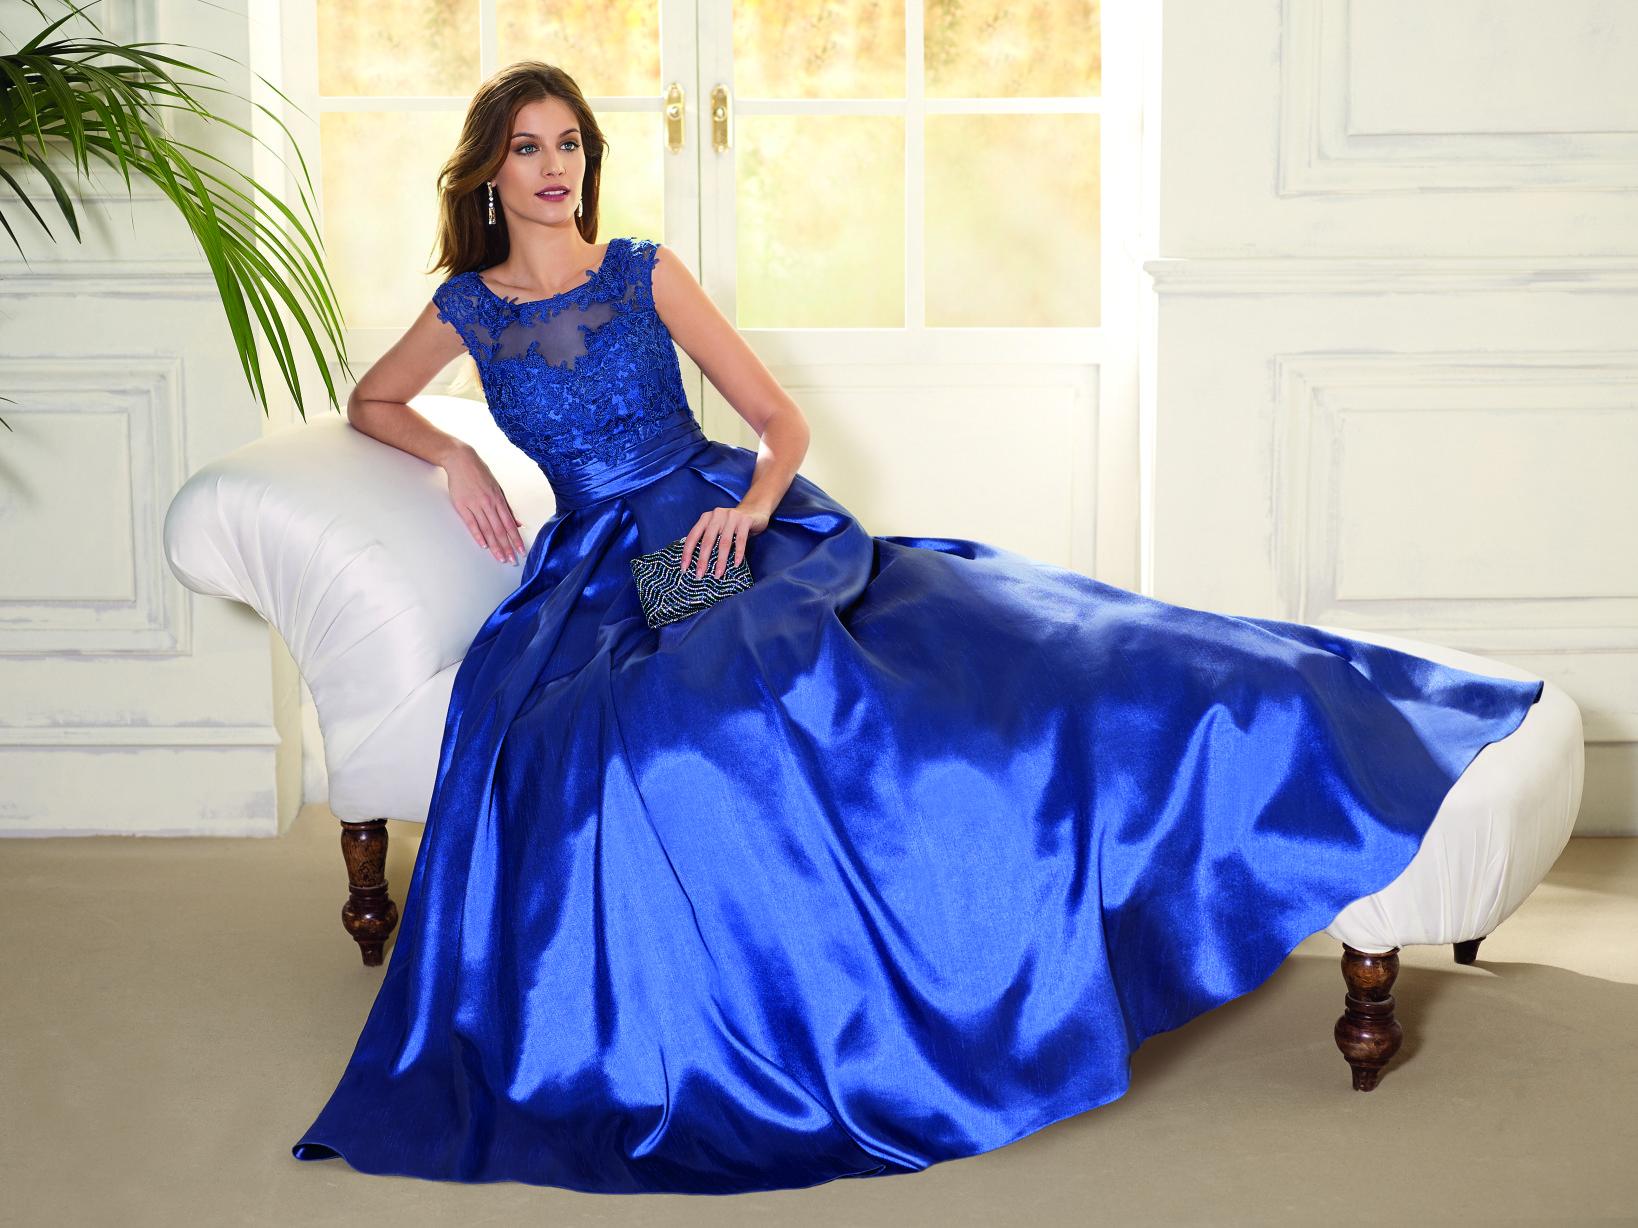 e965fa00c Vestido fiesta azul noche 6026 Fara Fiesta.